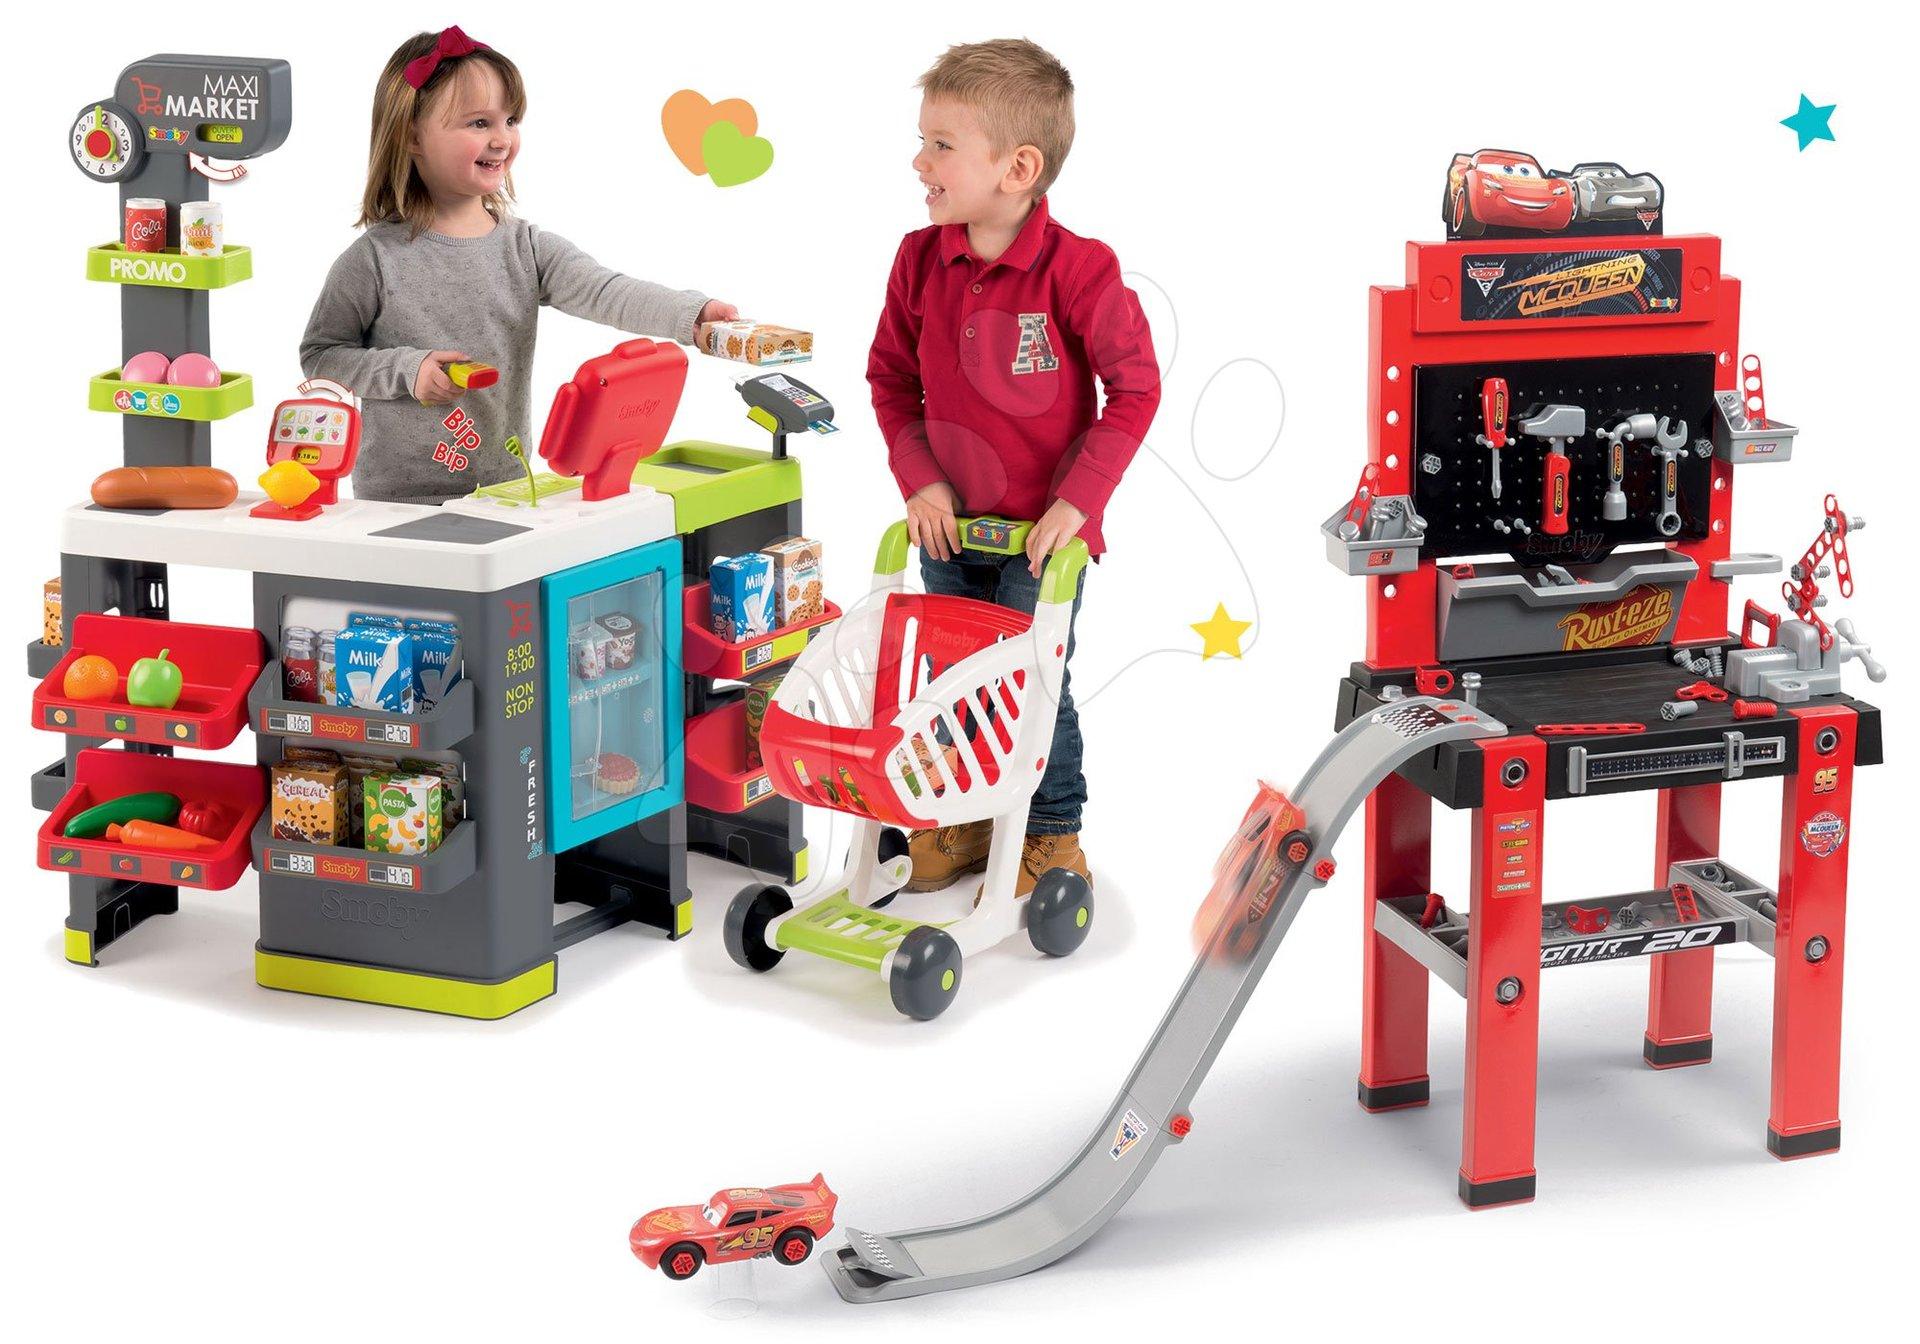 Smoby set obchod zmiešaný tovar Maximarket a pracovná dielňa Autá 3 Bricolo center 350215-10